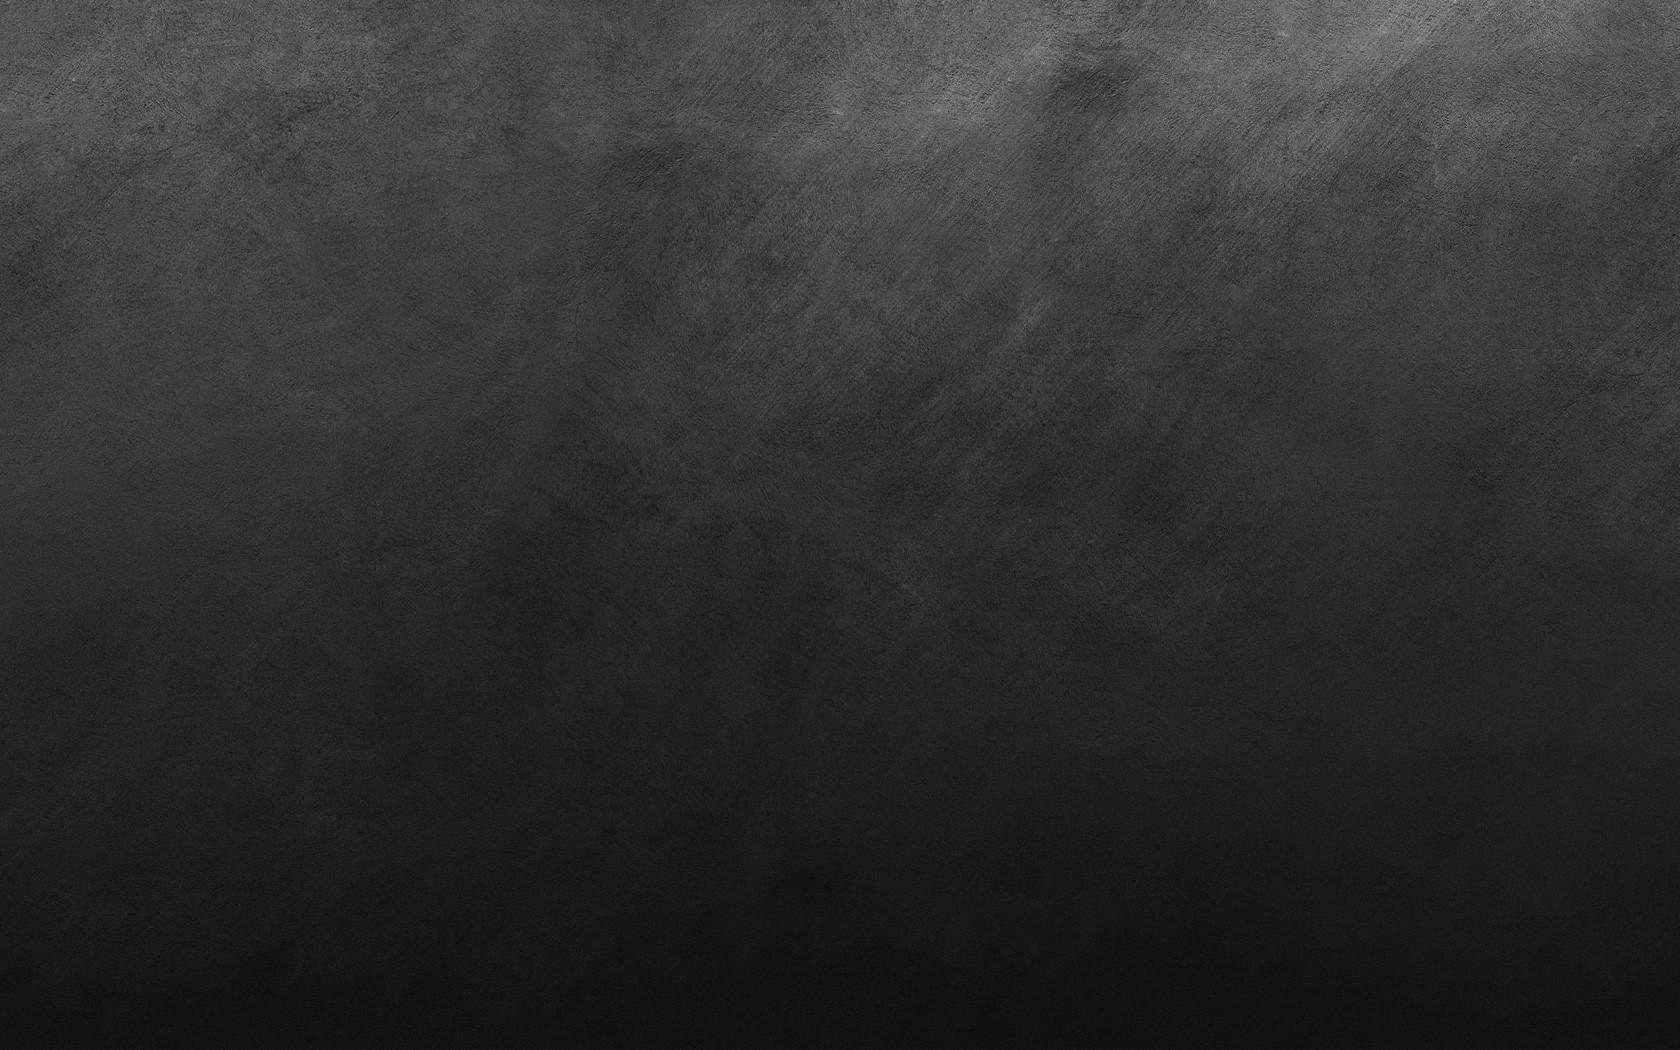 Dark gray wallpapers wallpapersafari for Gray textured wallpaper